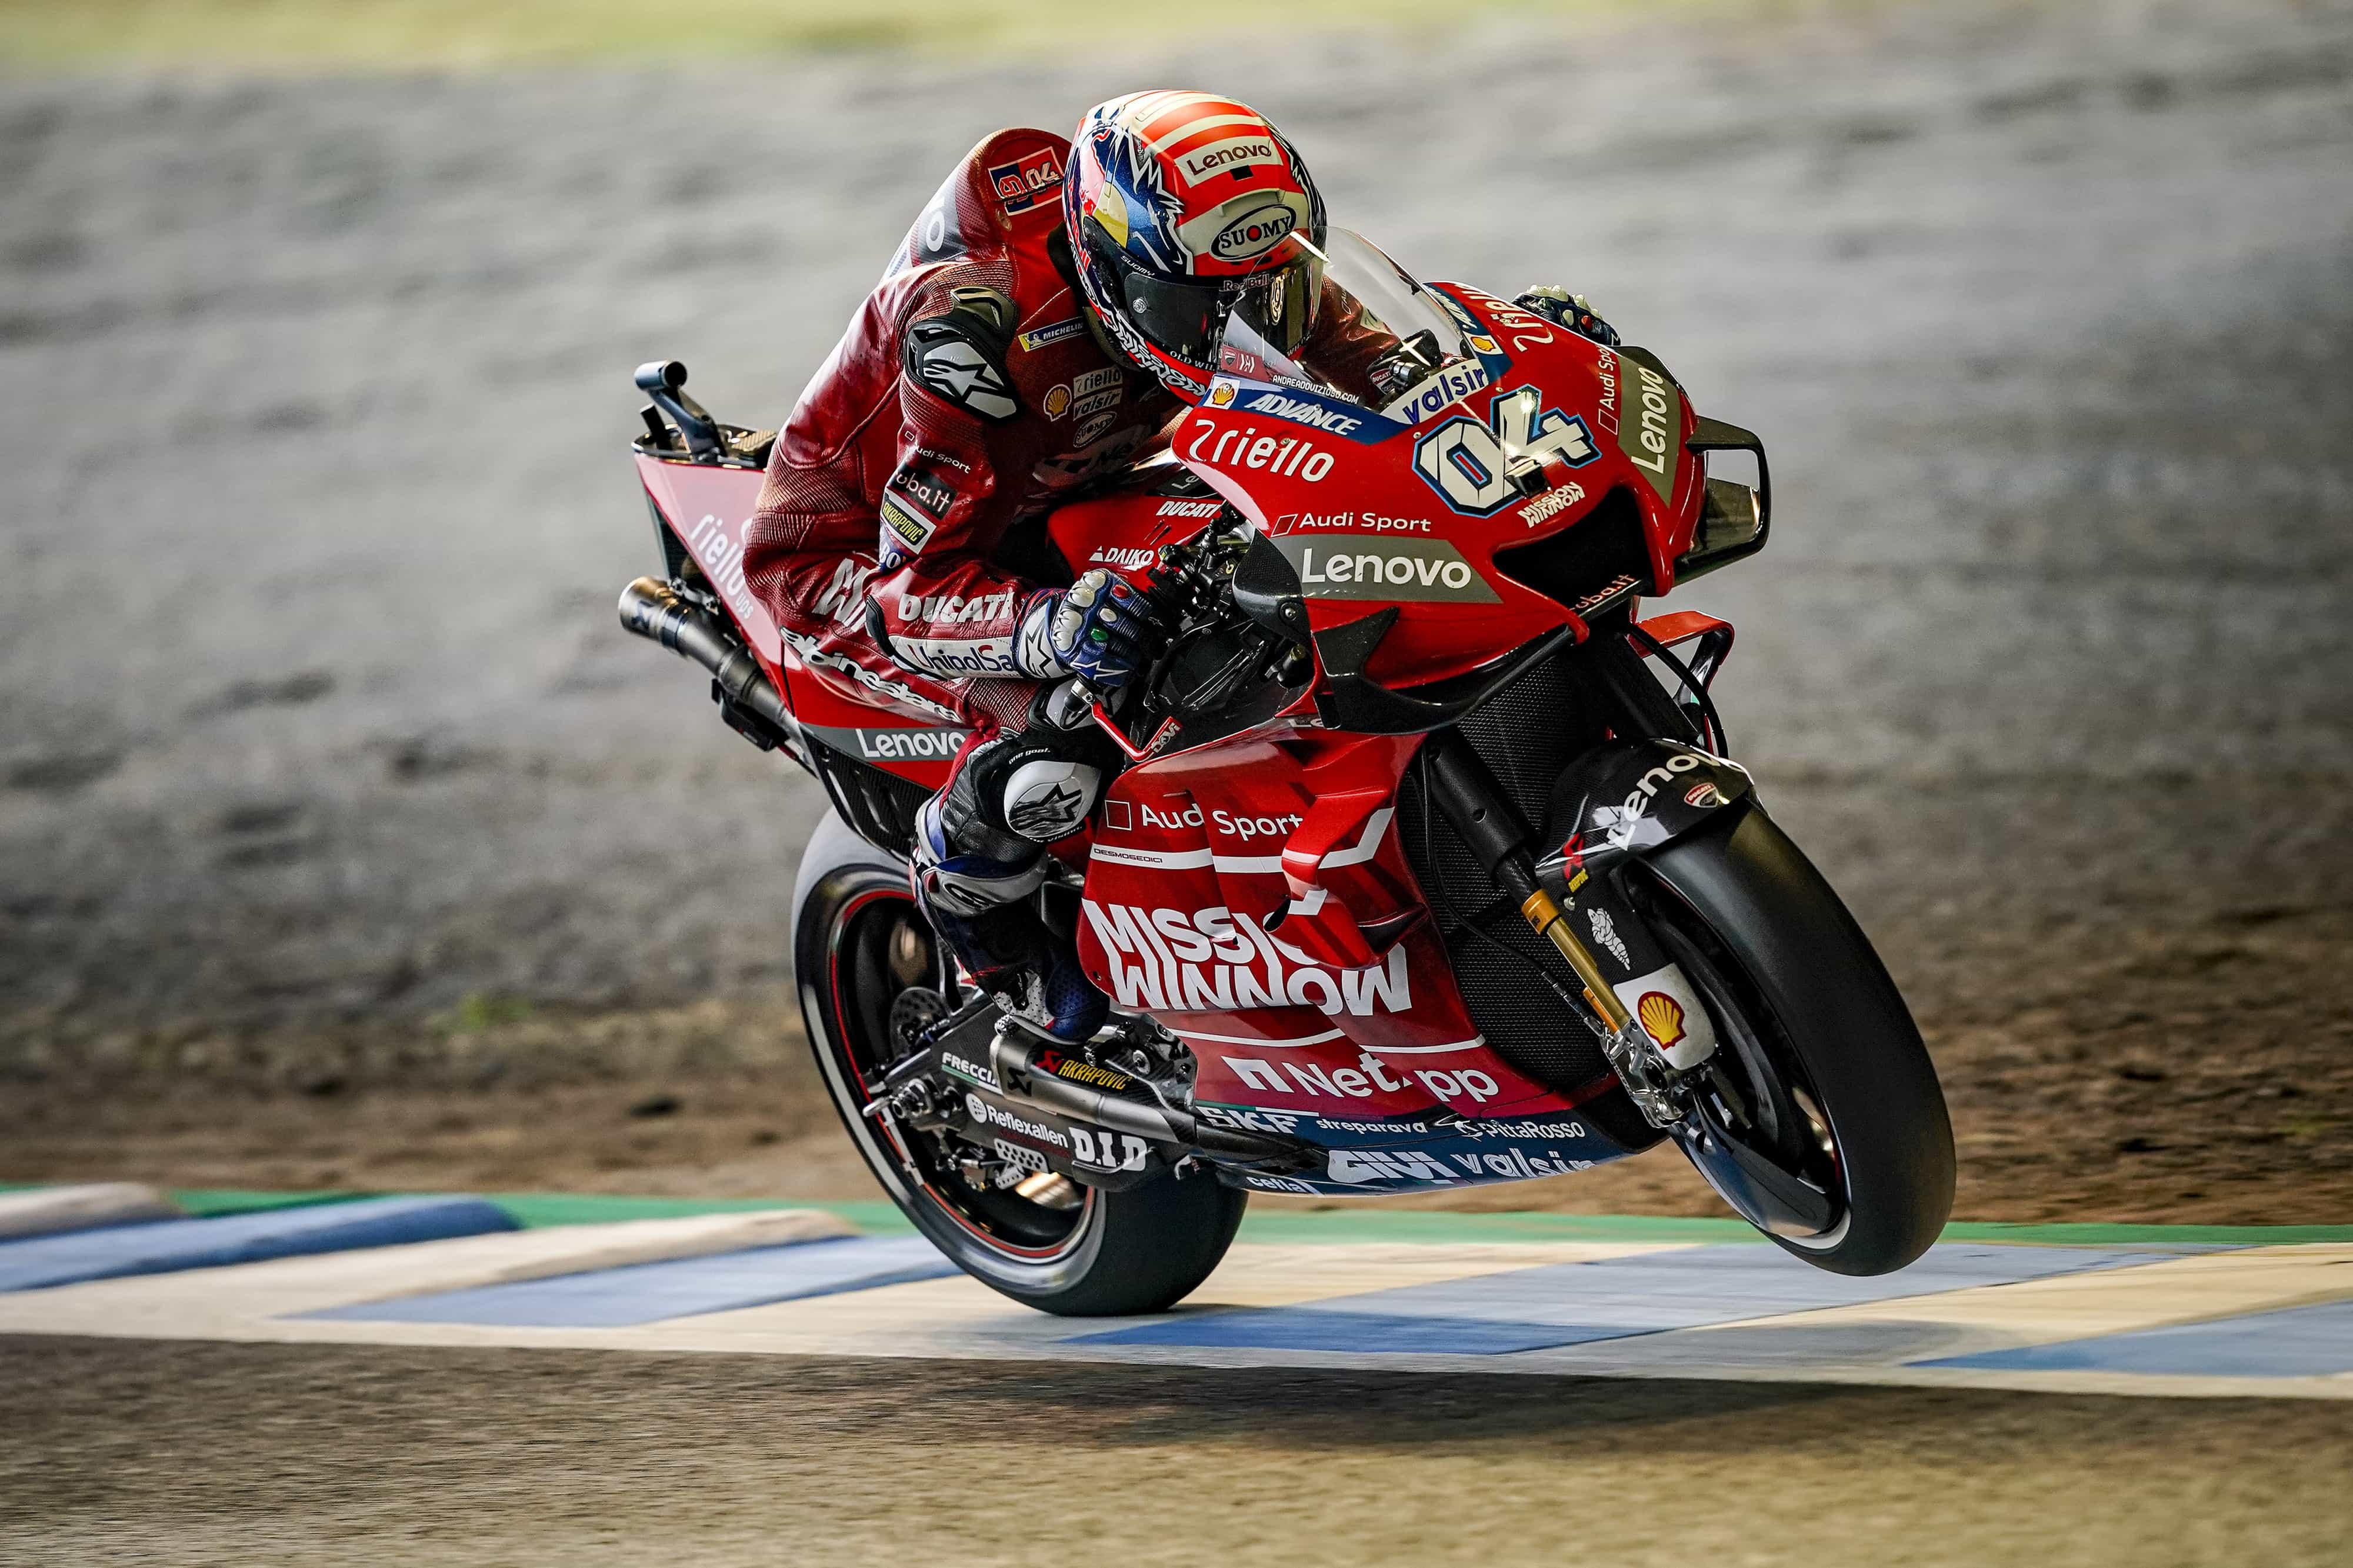 MotoGP日本GPの予選で、ドヴィツィオーゾが7番グリッドを、ペトルッチが8番グリッドを獲得、明日の決勝は3列目からスタート